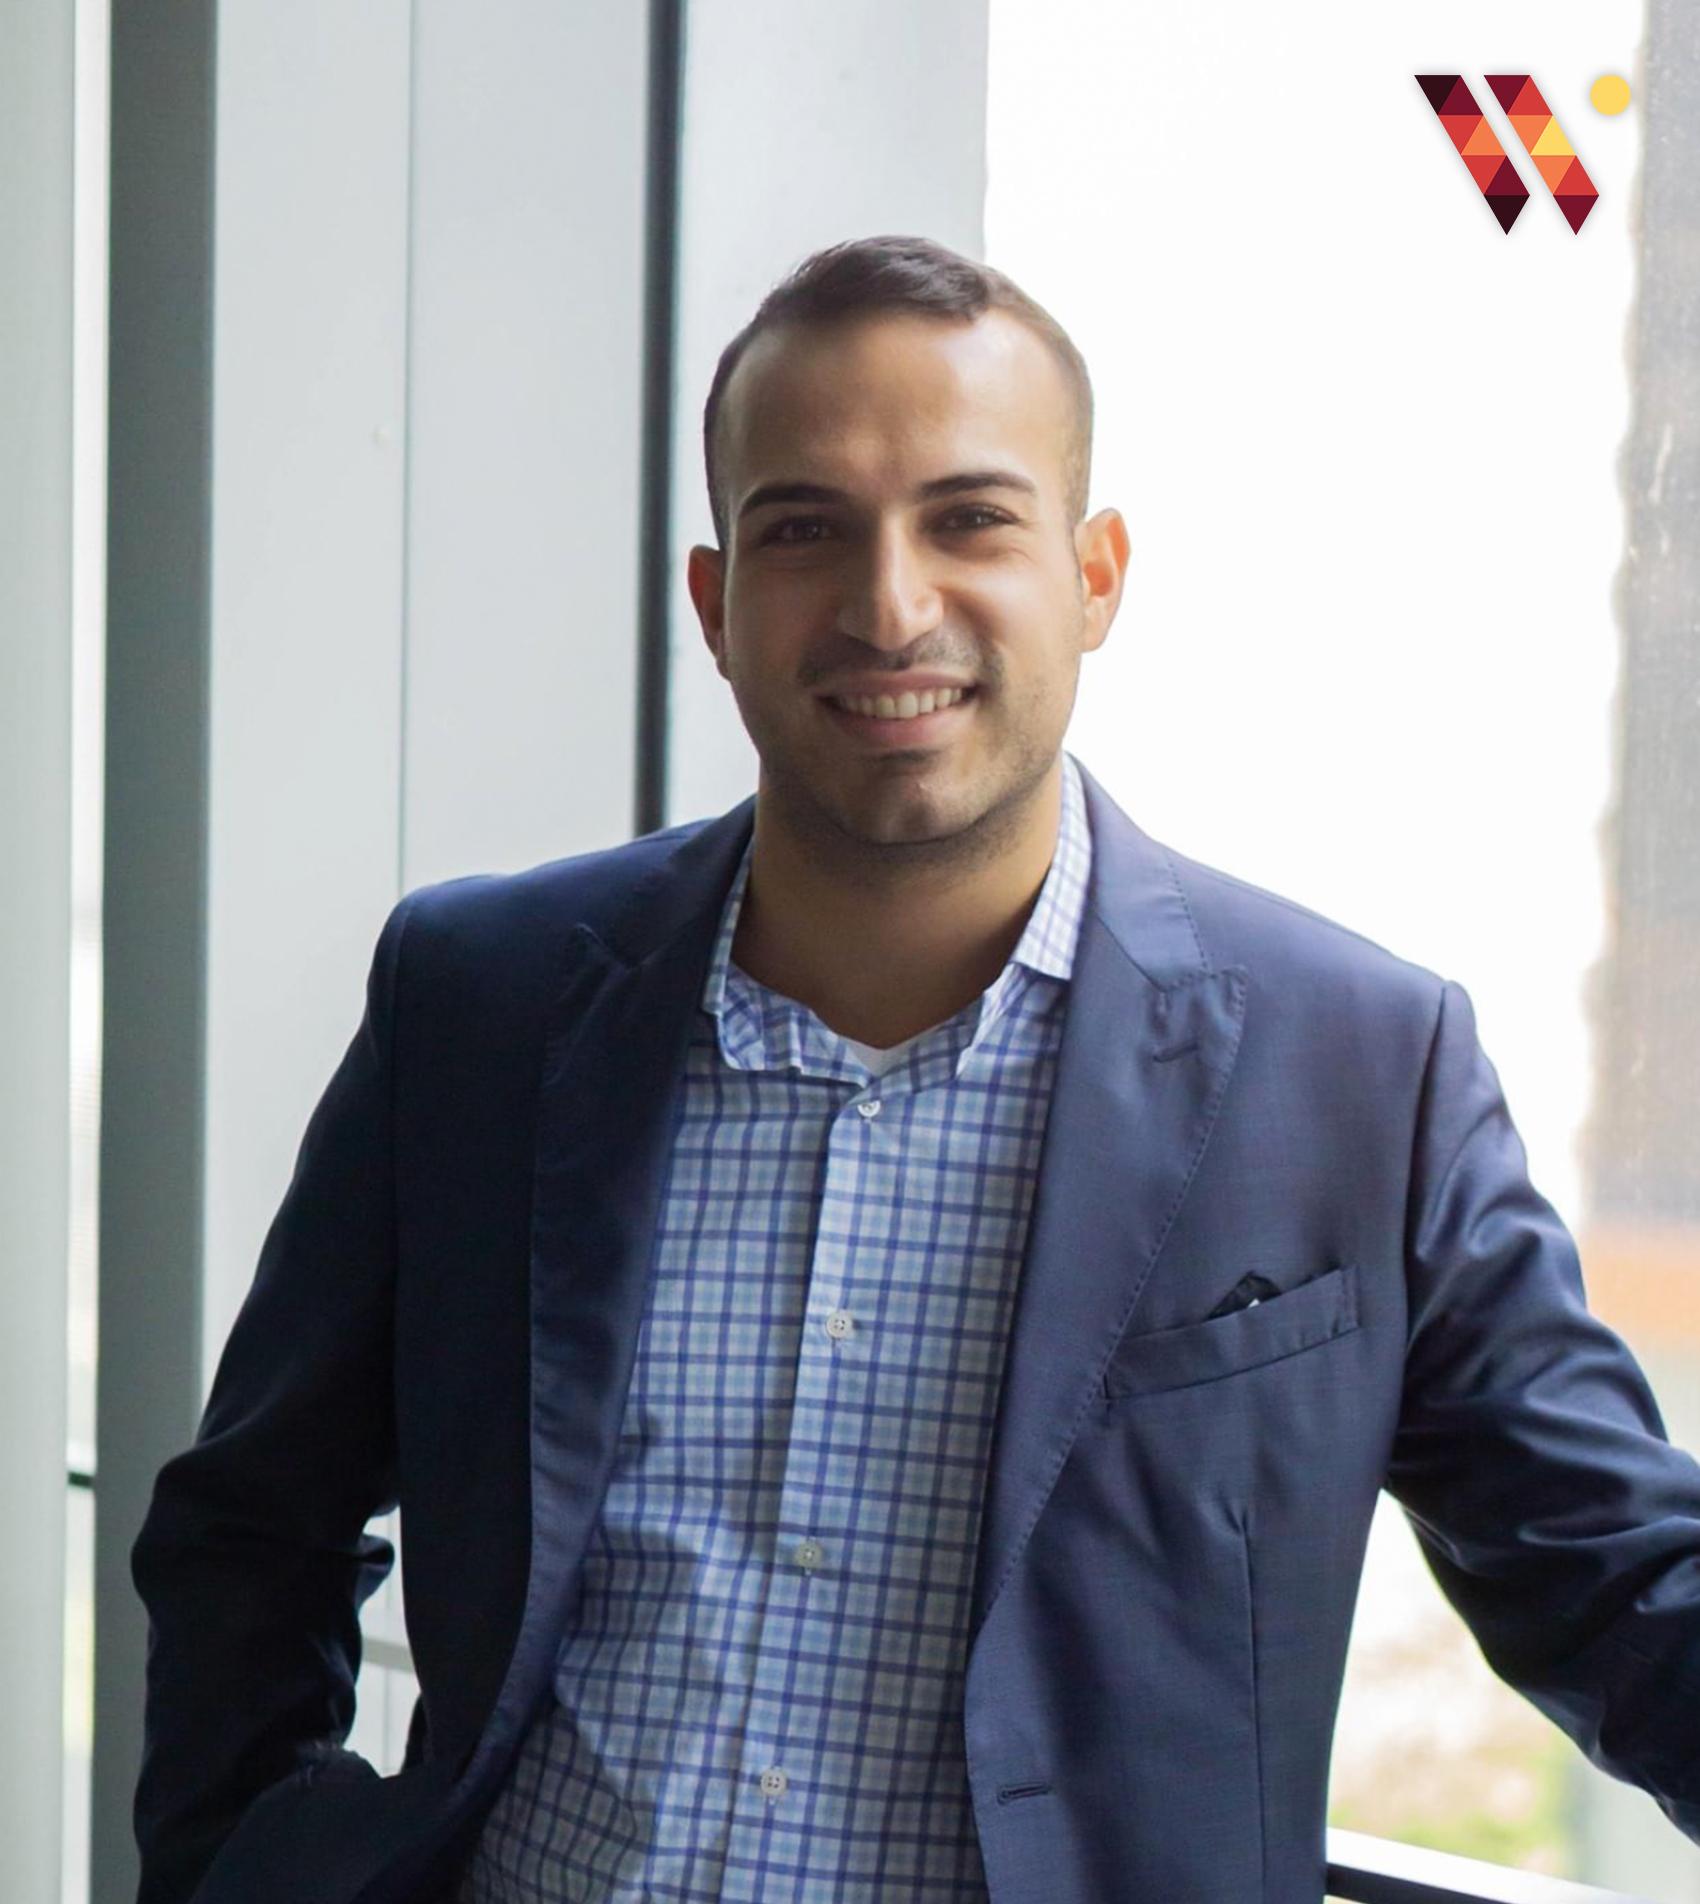 Karim El-Derini